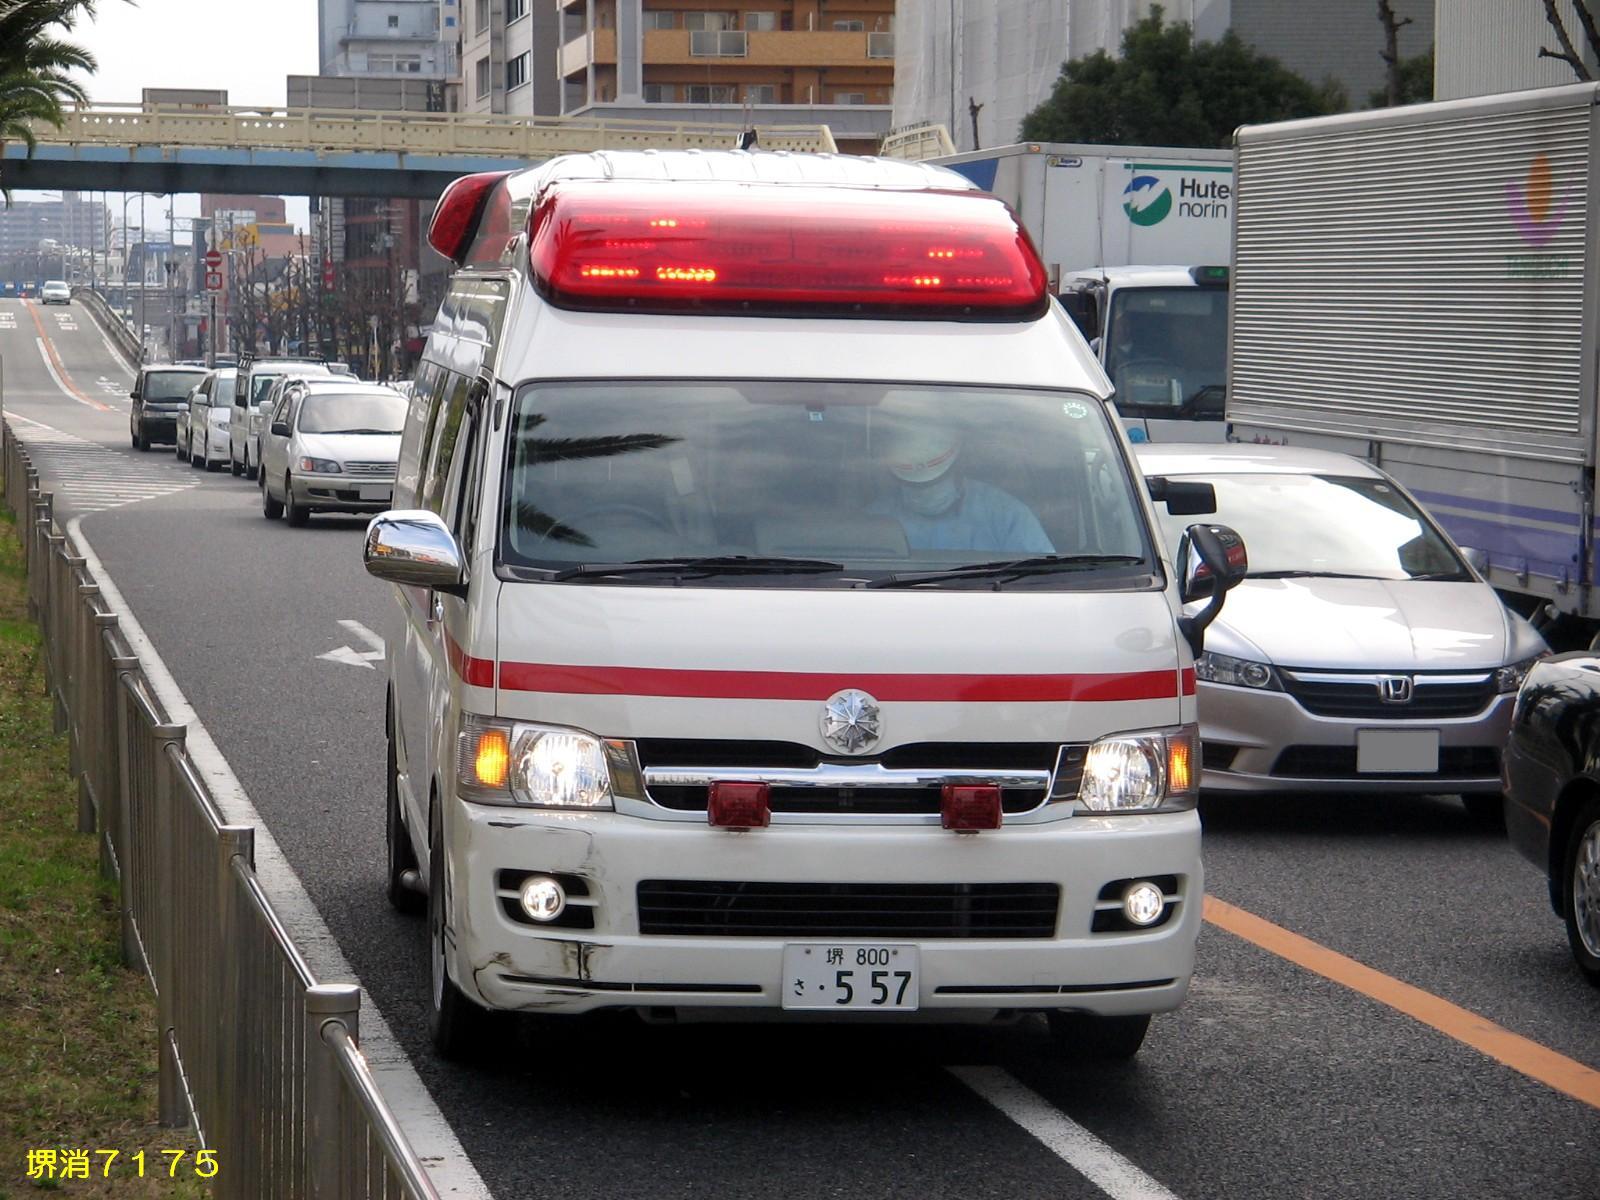 救急車の音はなぜ高くなったりする? : 救急車の音が高くなっ ...